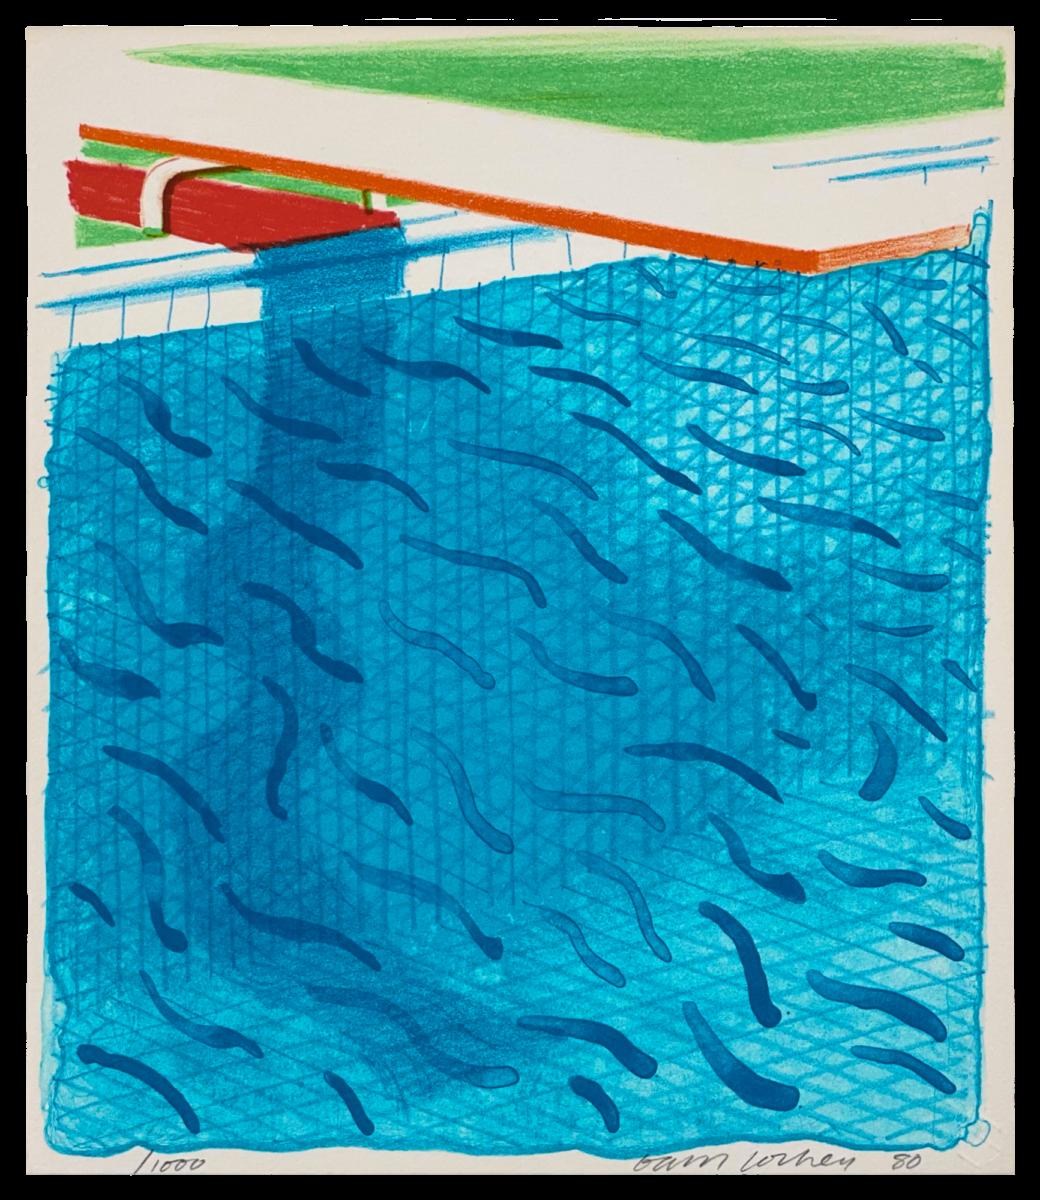 A21 80 HOCKNEY Paper Pool unnumbered